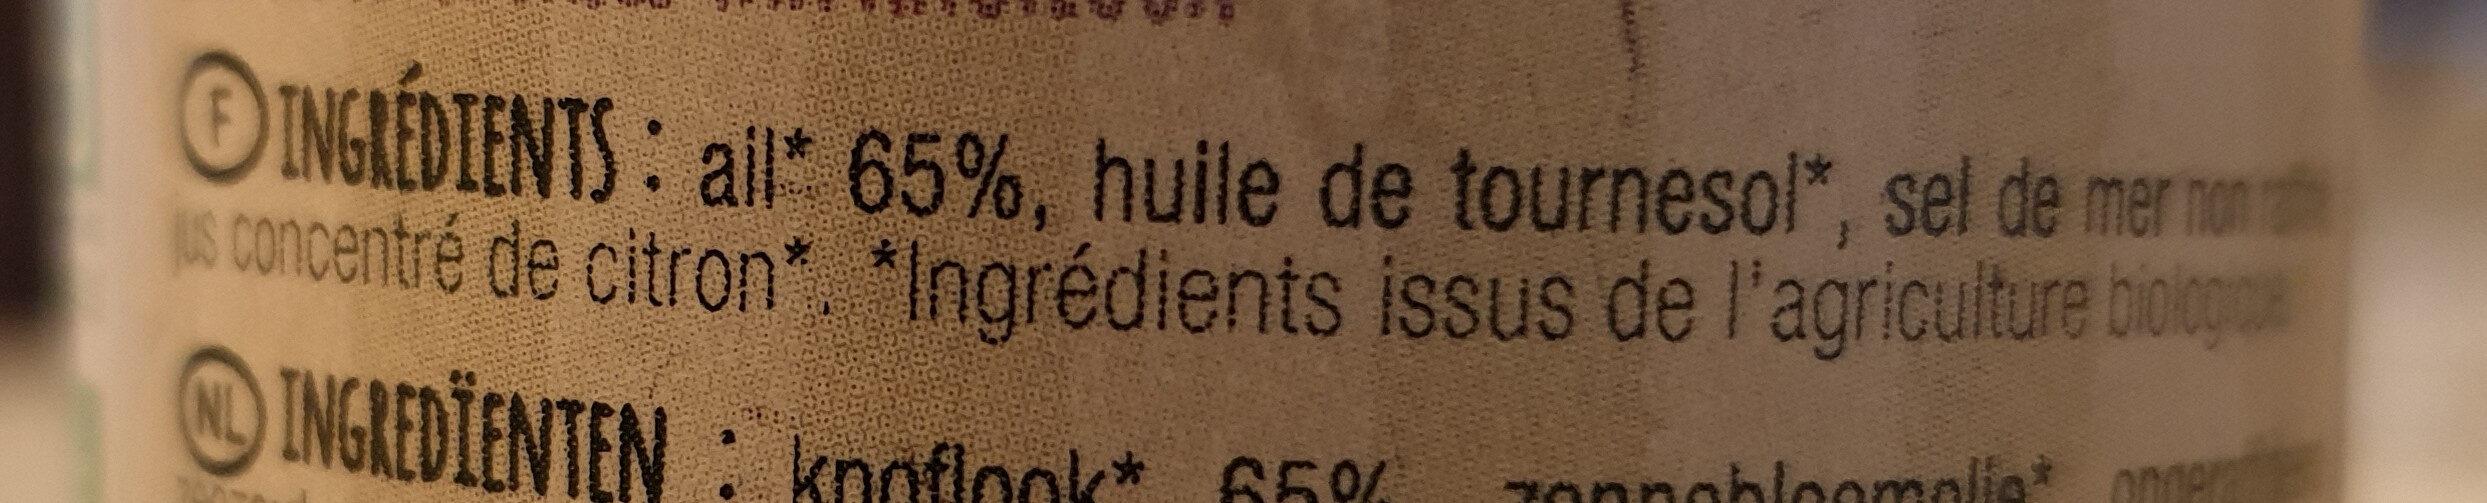 Pulpe d ail - Ingrediënten